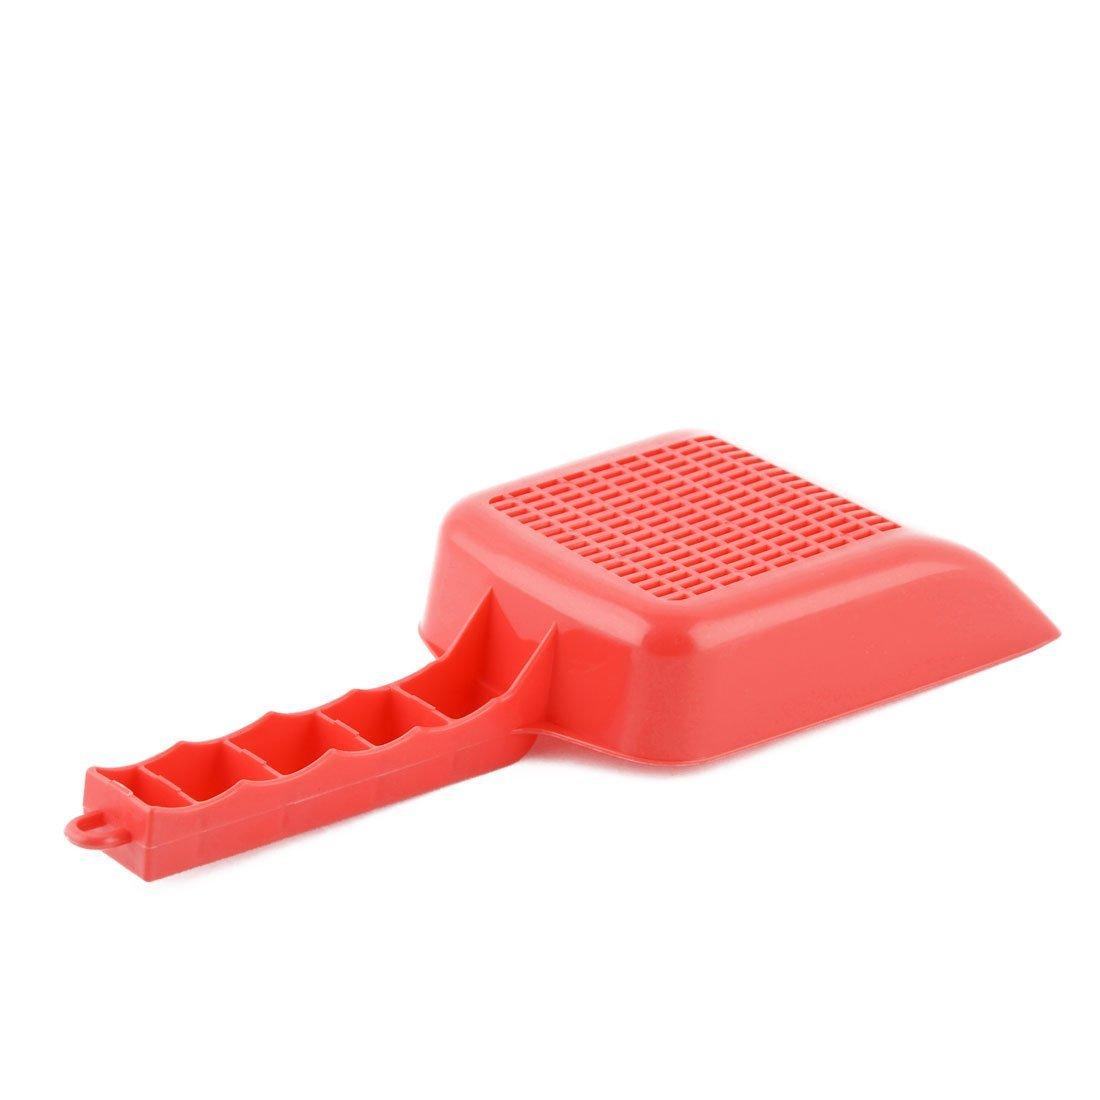 Amazon.com : eDealMax acuario de plástico pecera pecera Arena ...